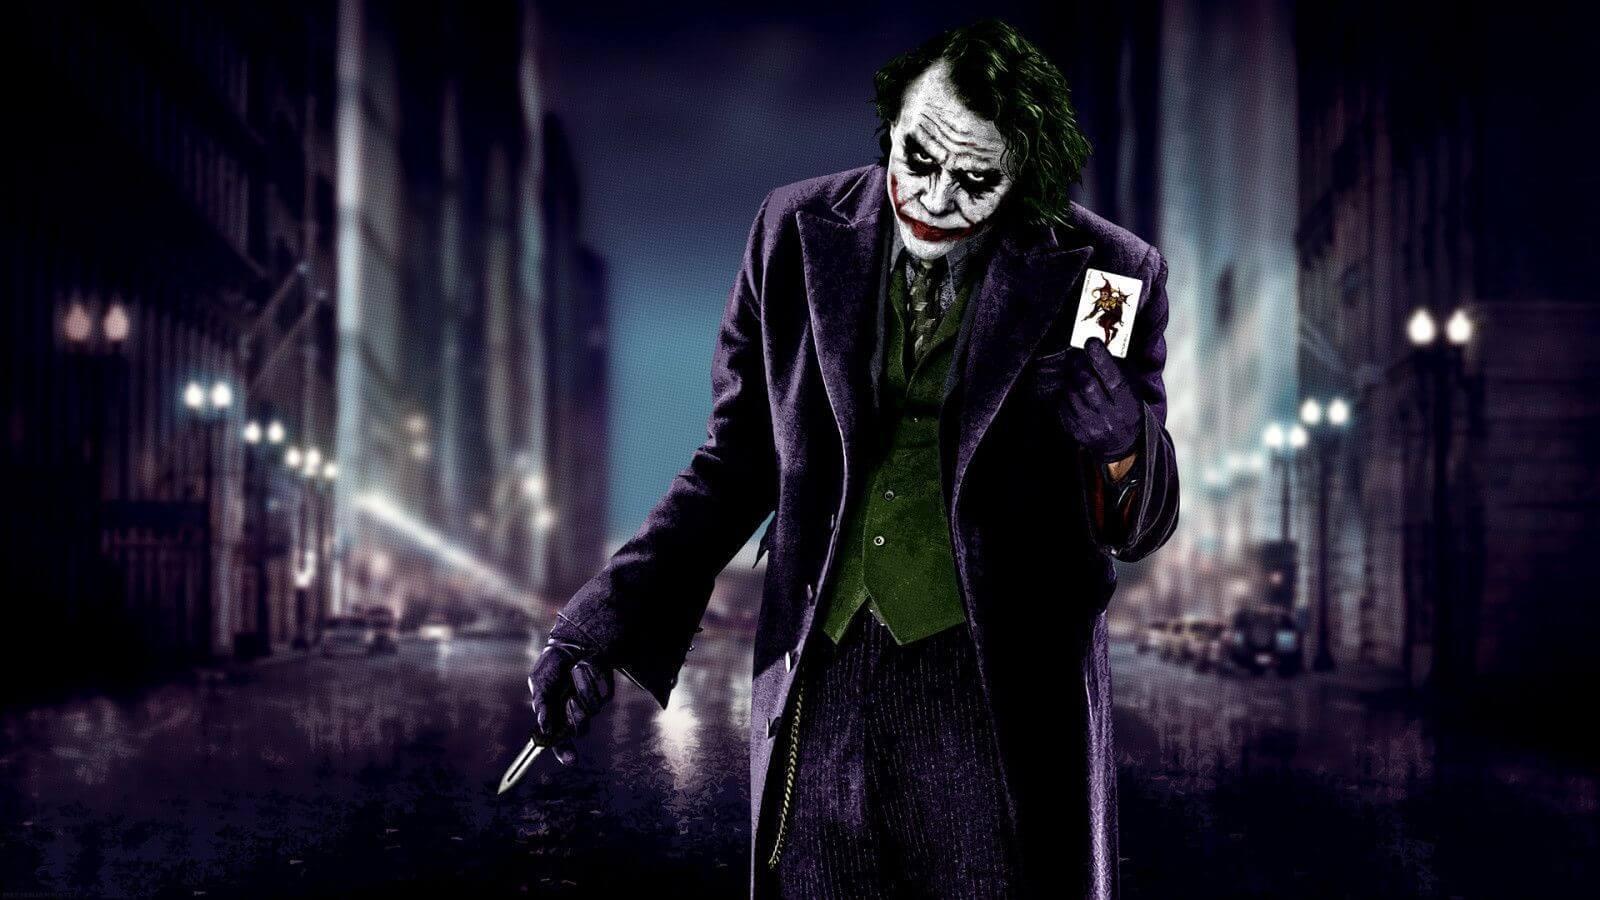 New Joker Wallpapers - Top Free New ...